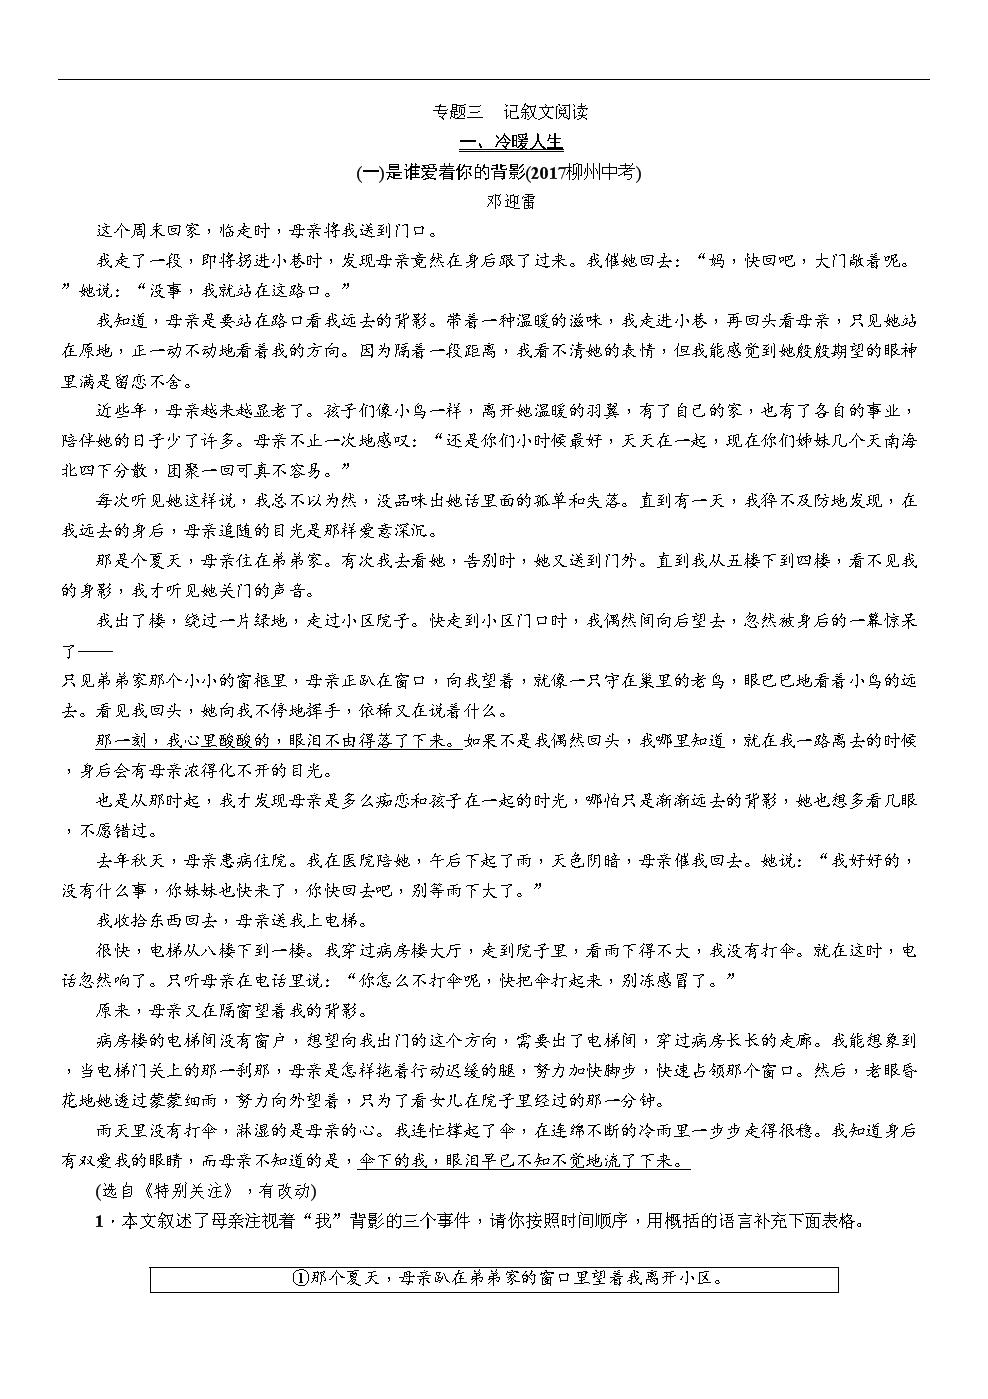 下面四个点是什么字_2.结合语境品读下面两个句子,分析加点词语的表达效果.